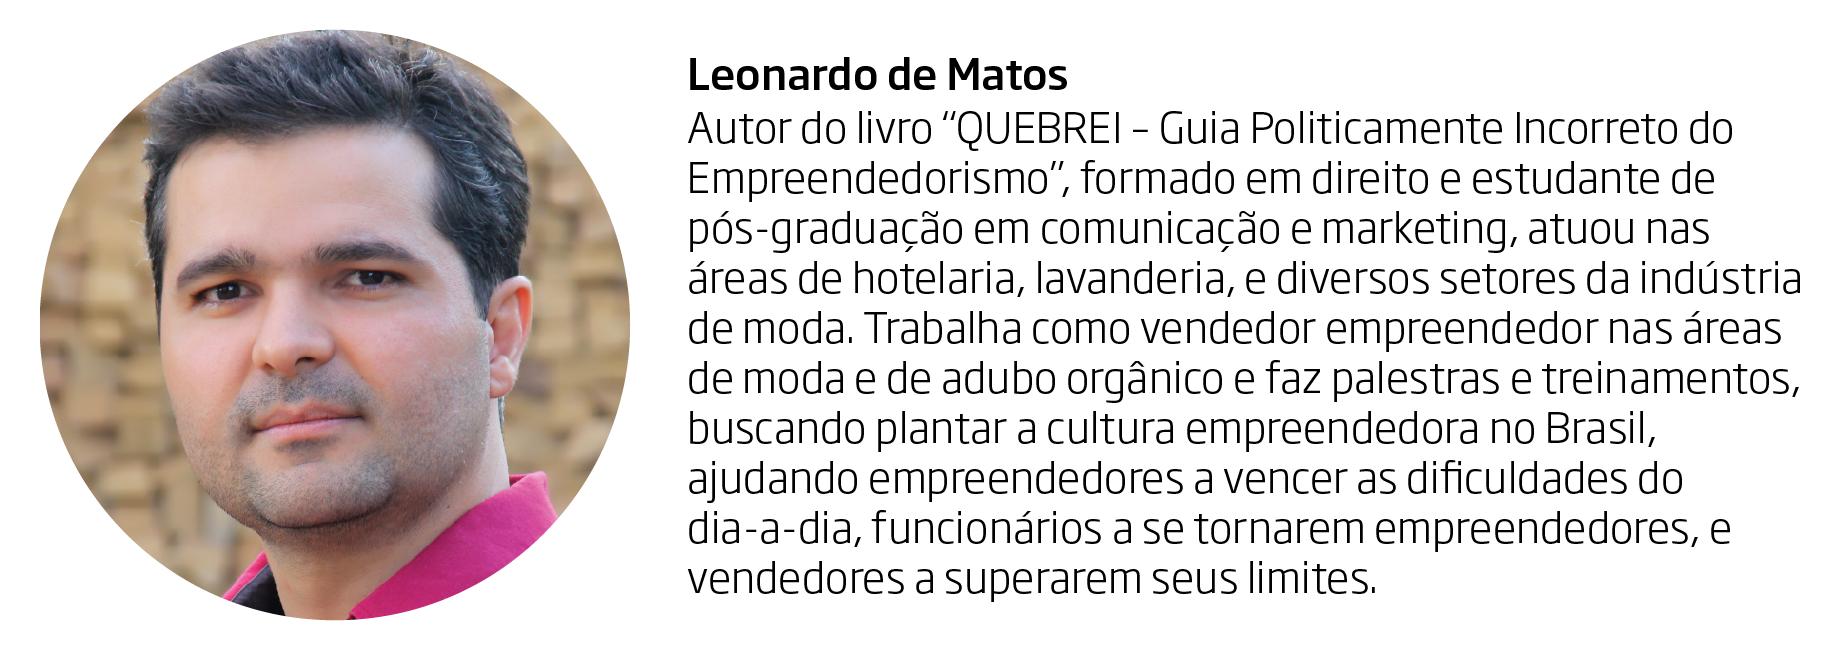 Leonardo de matos-03.png